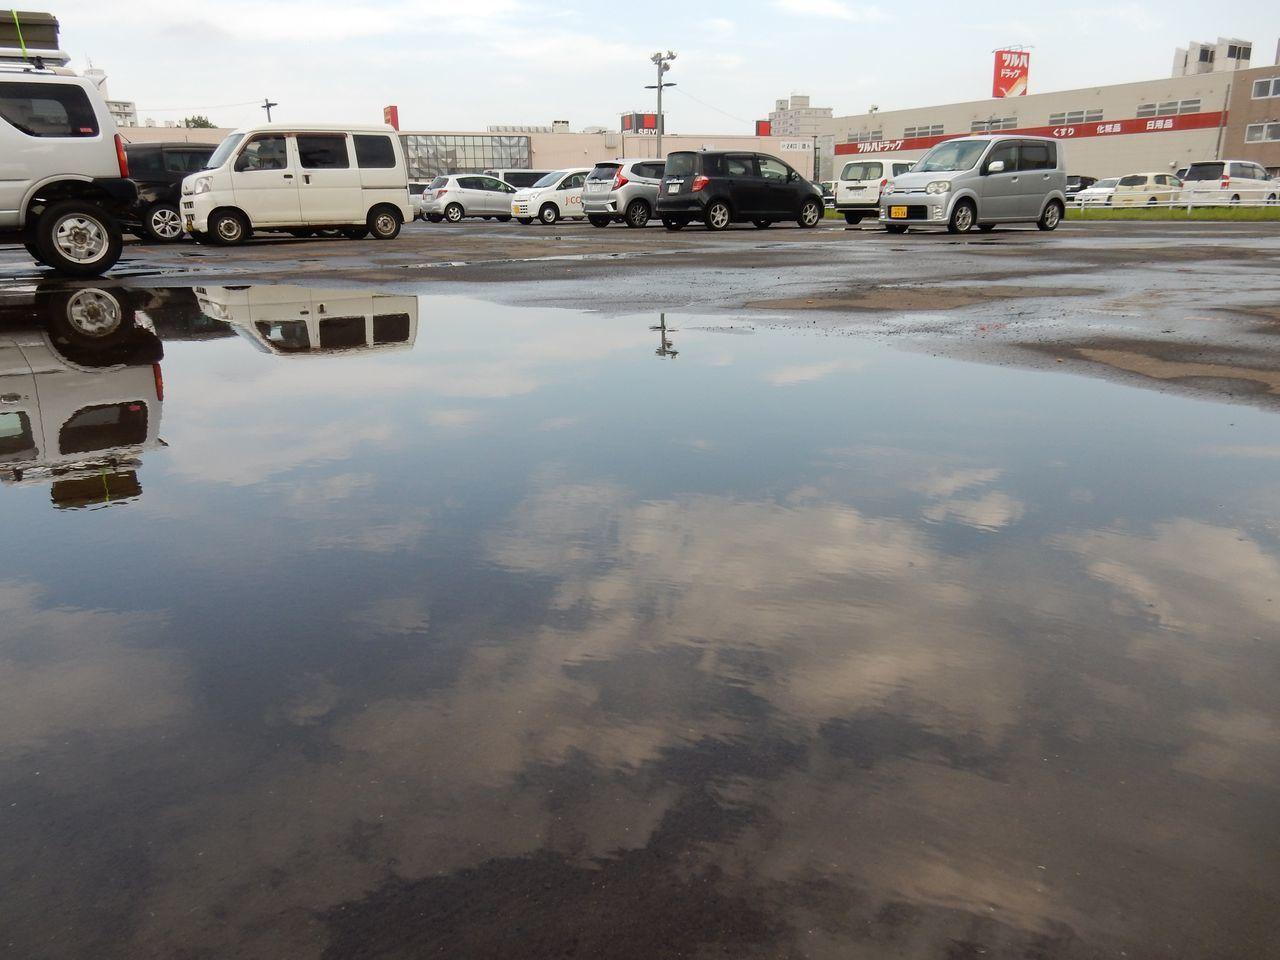 激しい雨が降るも自転車で濡れずに往復_c0025115_21511762.jpg